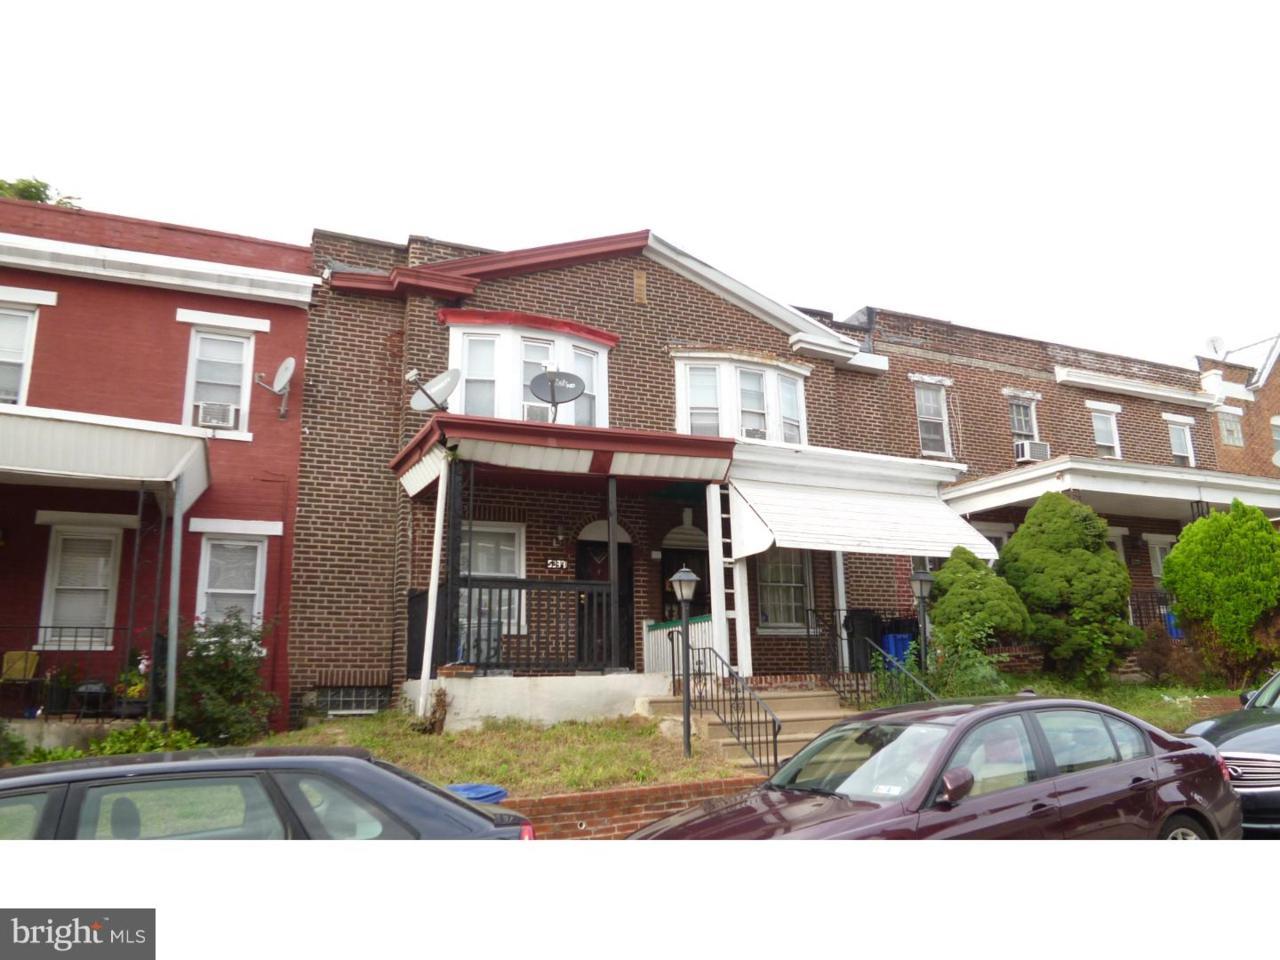 5339 Turner Street - Photo 1